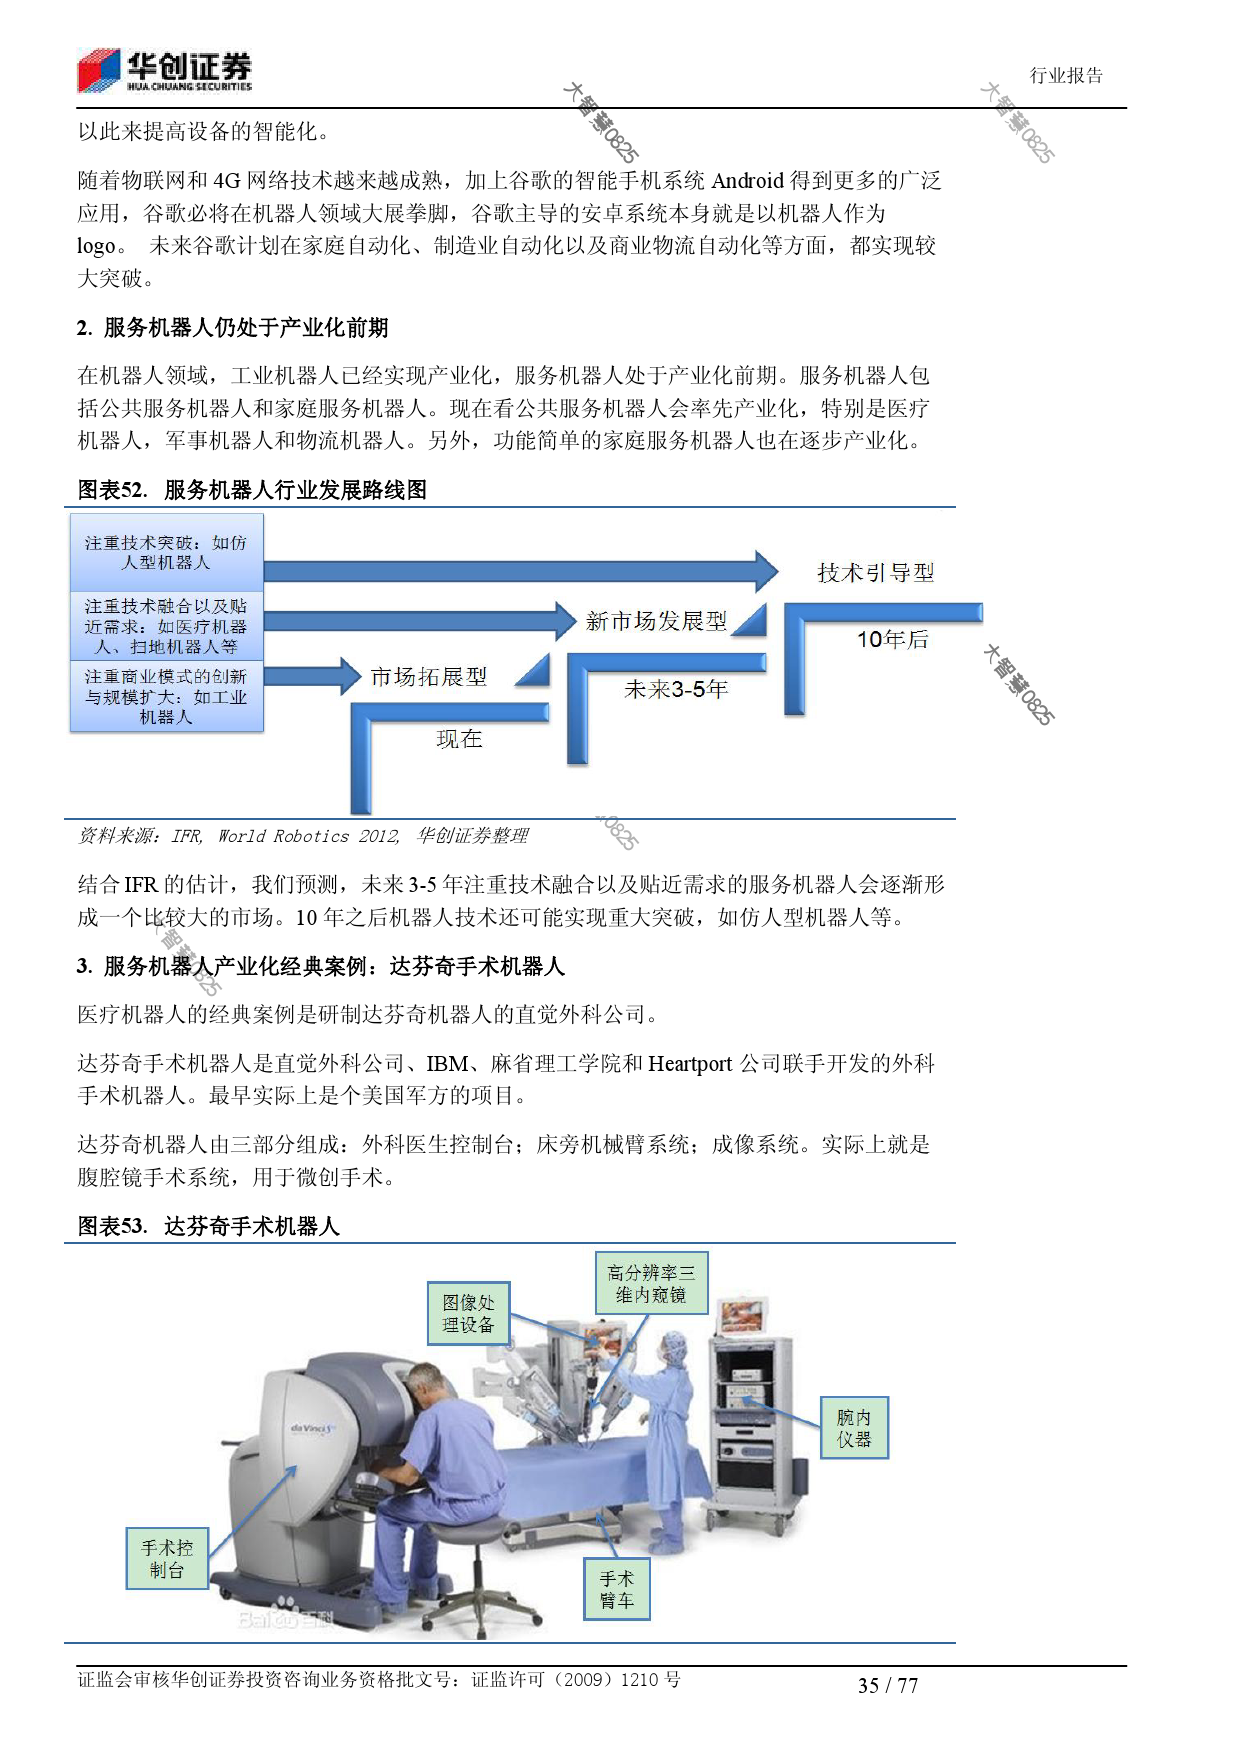 行业研究_华创证券_刘国清,鲁佩_机械设备:机器人大趋势_2014021_000035